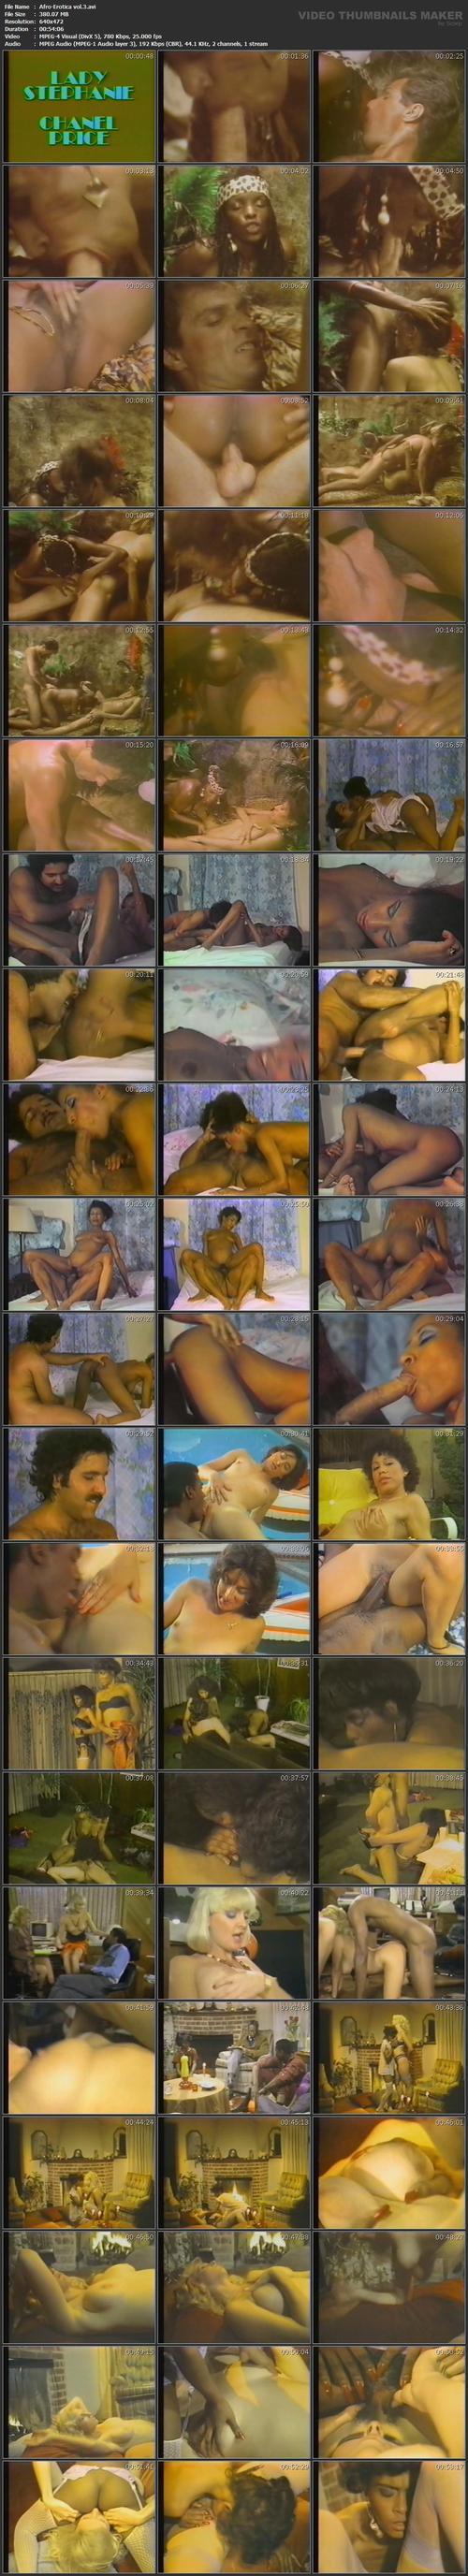 Afro erotica volume 5 8